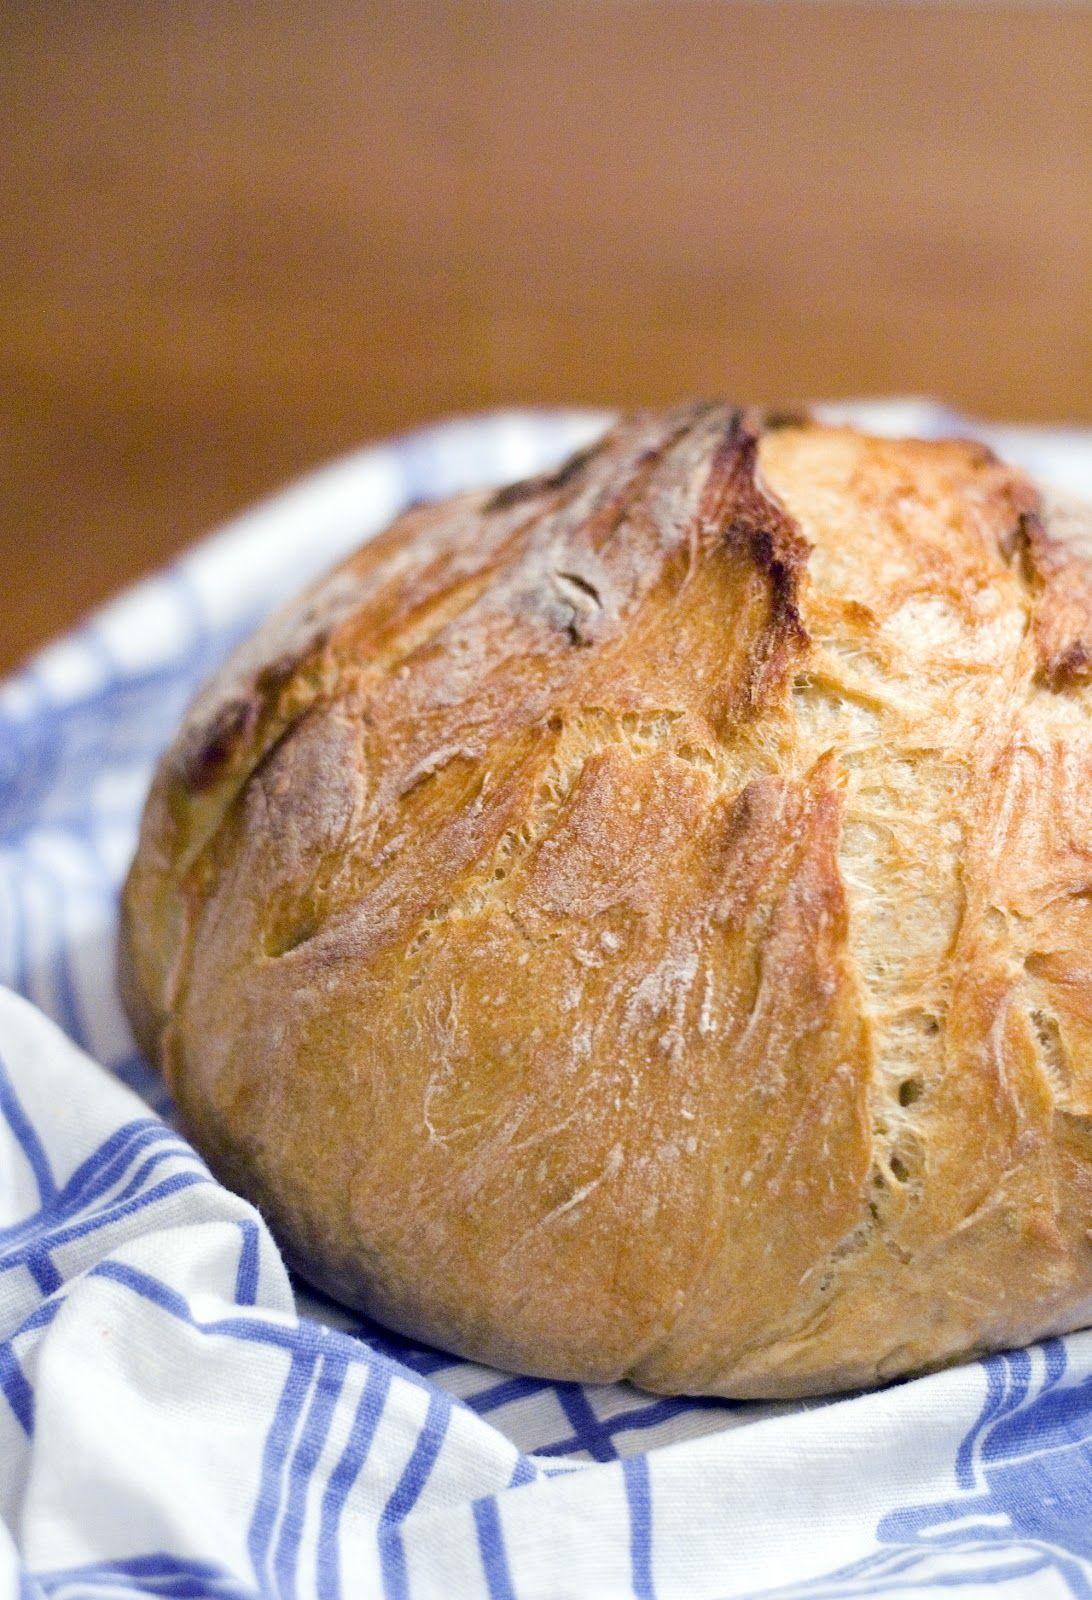 KÄDENVÄÄNTÖÄ blogi    http://kadenvaantoa.blogspot.fi/2012/04/maa-vavahtelee.html